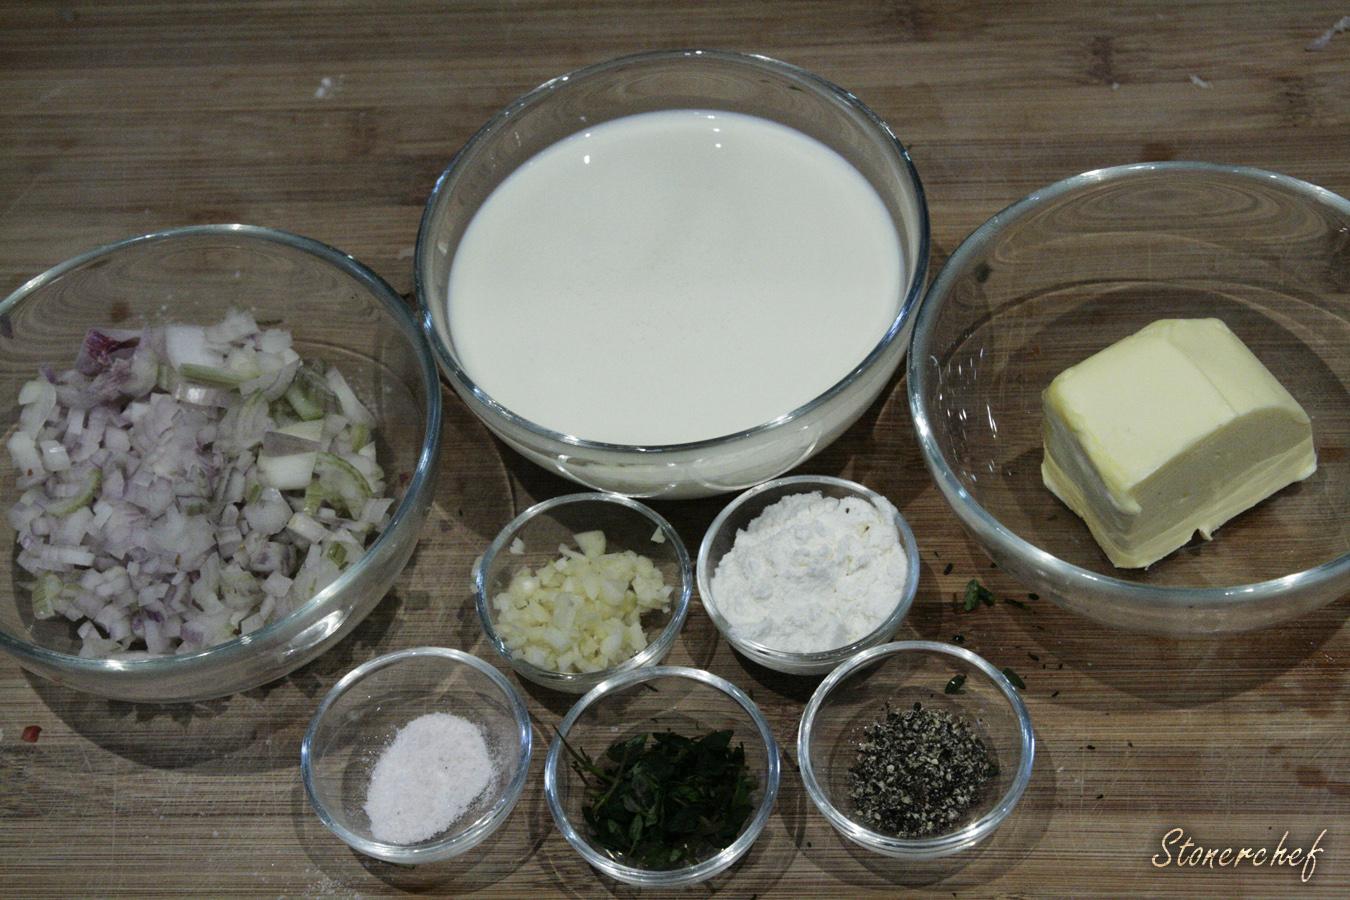 biały sos do pizzy z tymiankiem